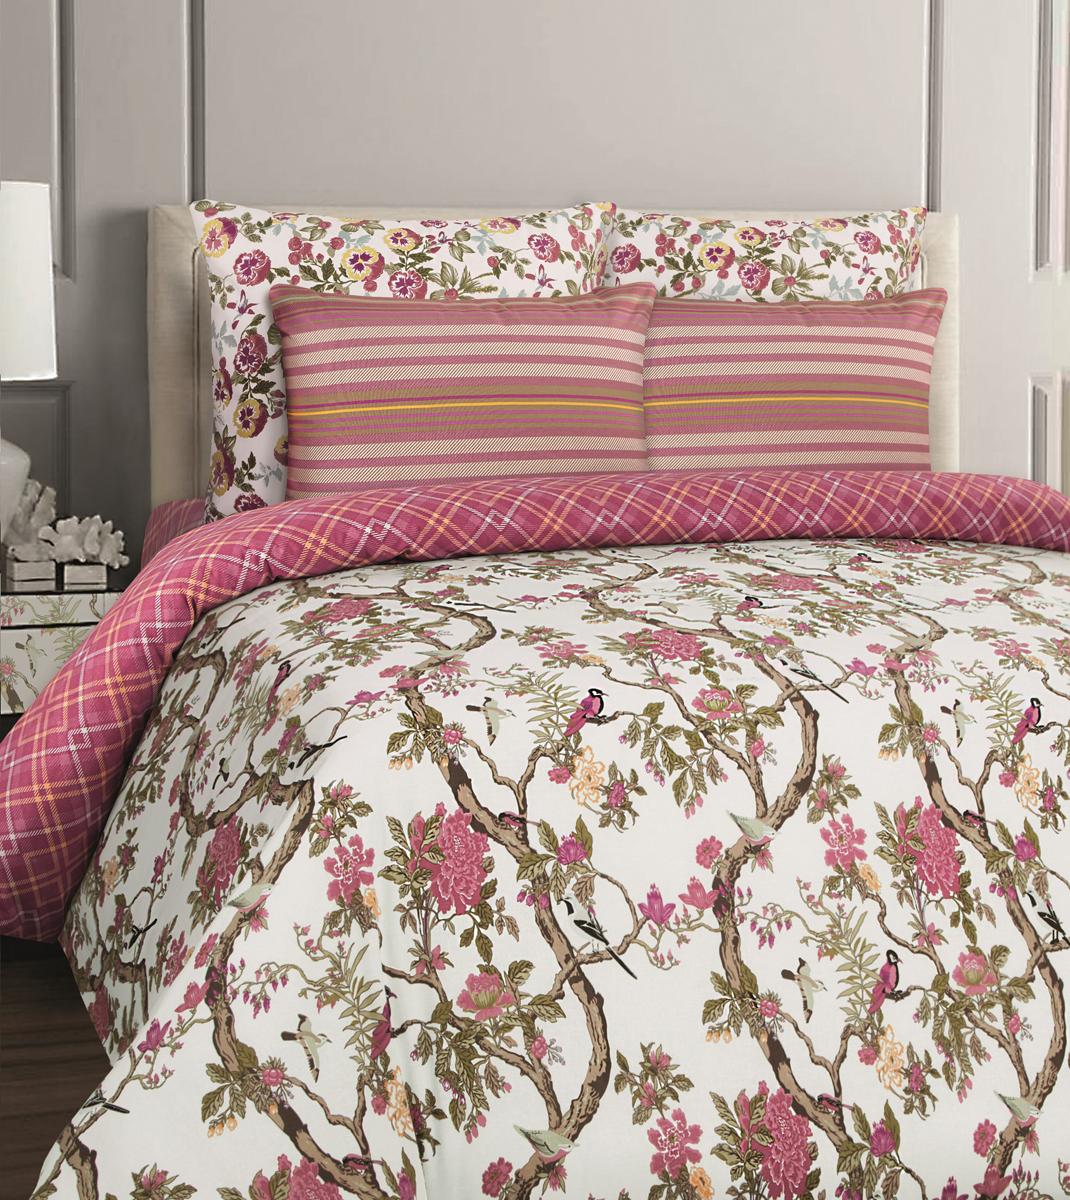 Комплект белья Mona Liza British Bristol, 2-спальный, наволочки 50x70. 552205-69 комплекты белья